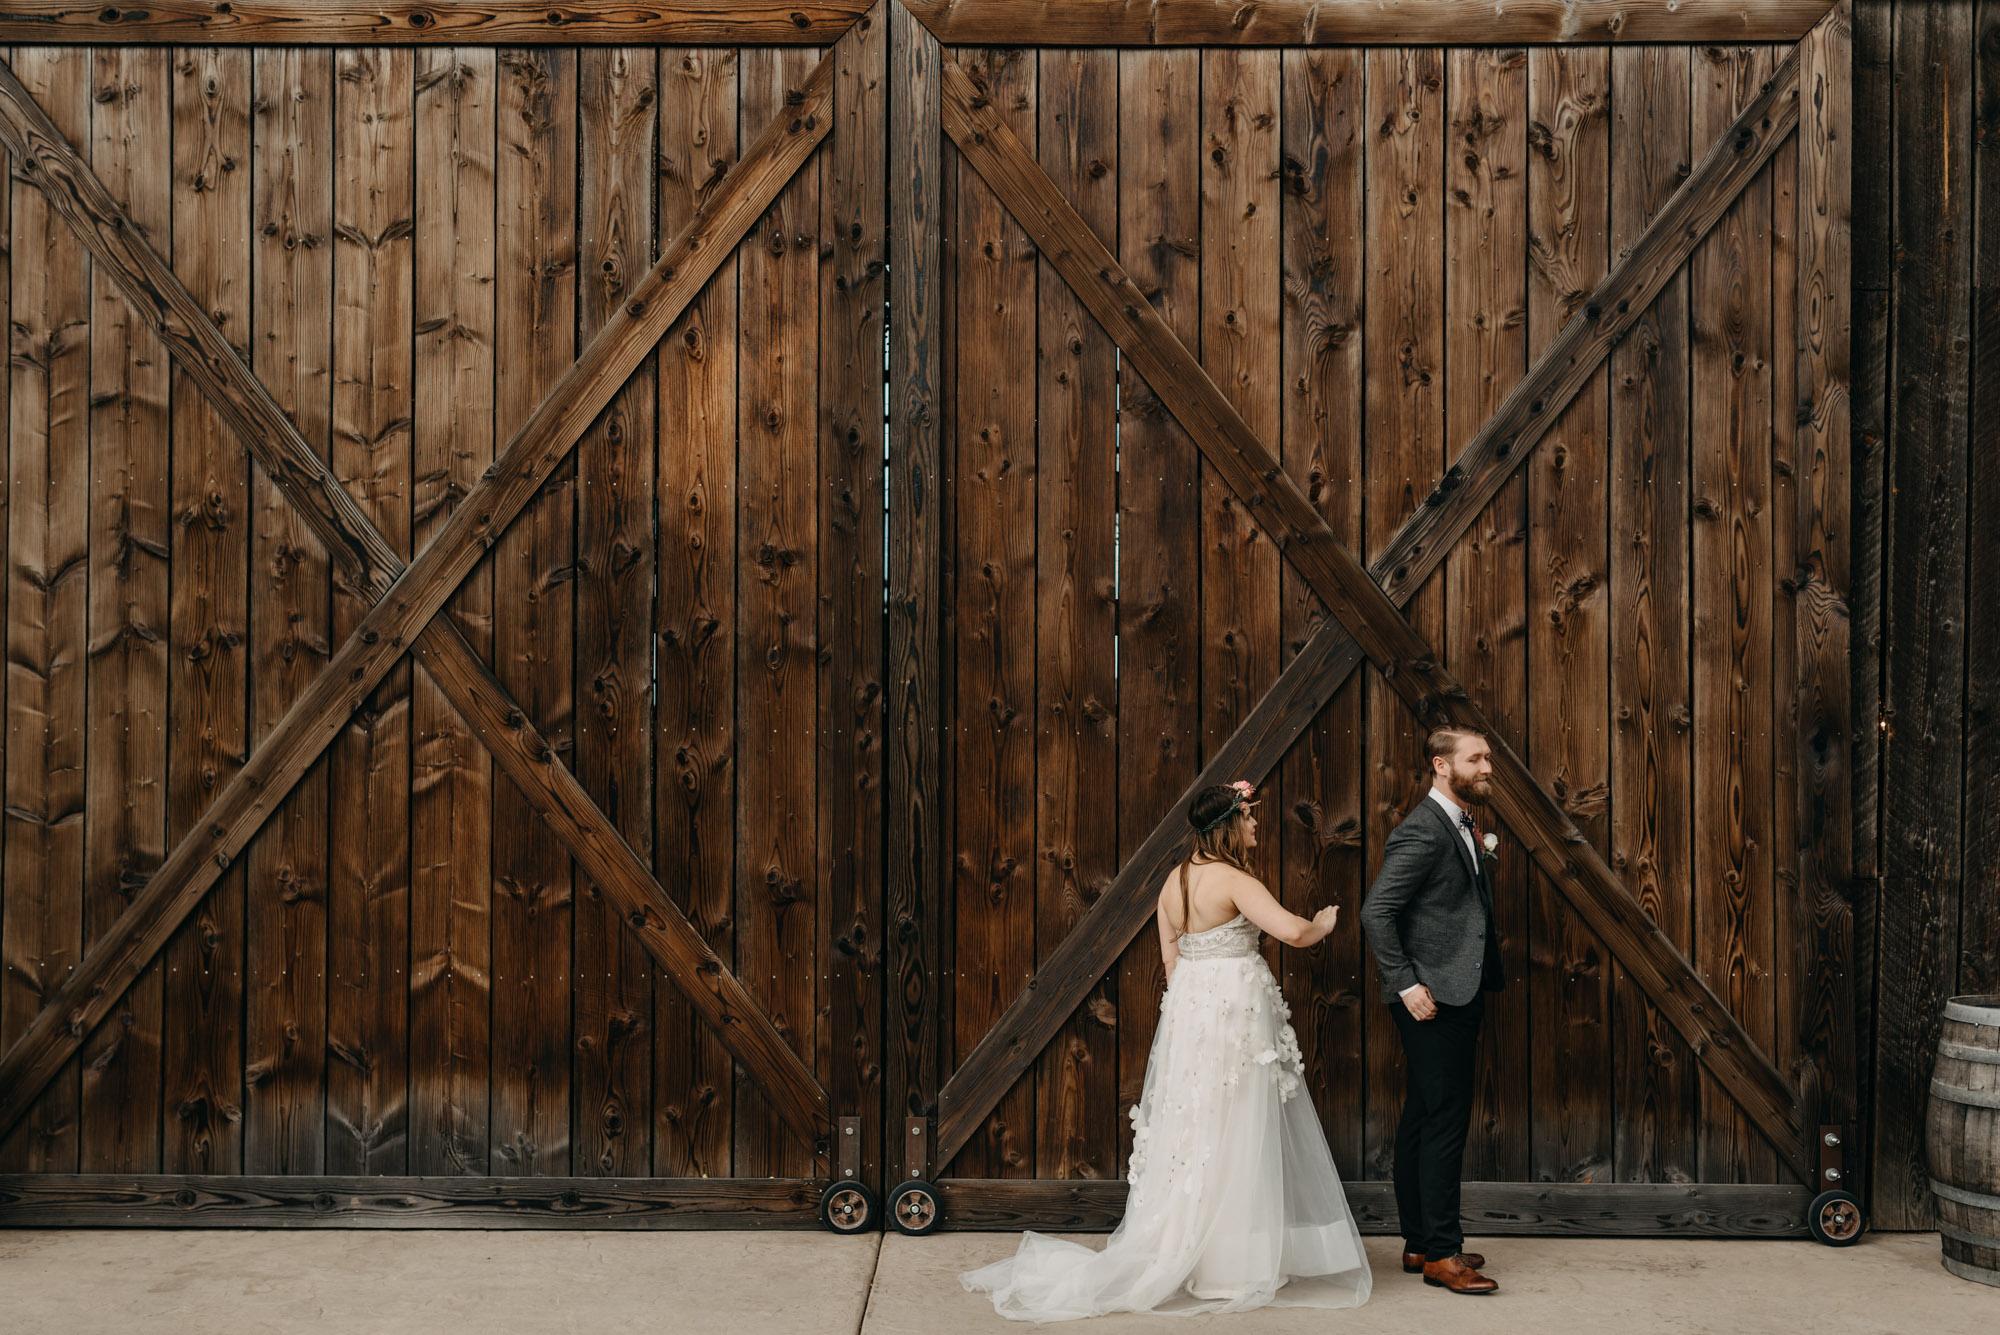 Outdoor-First-Look-Washington-Wedding-Barn-Door-8068.jpg